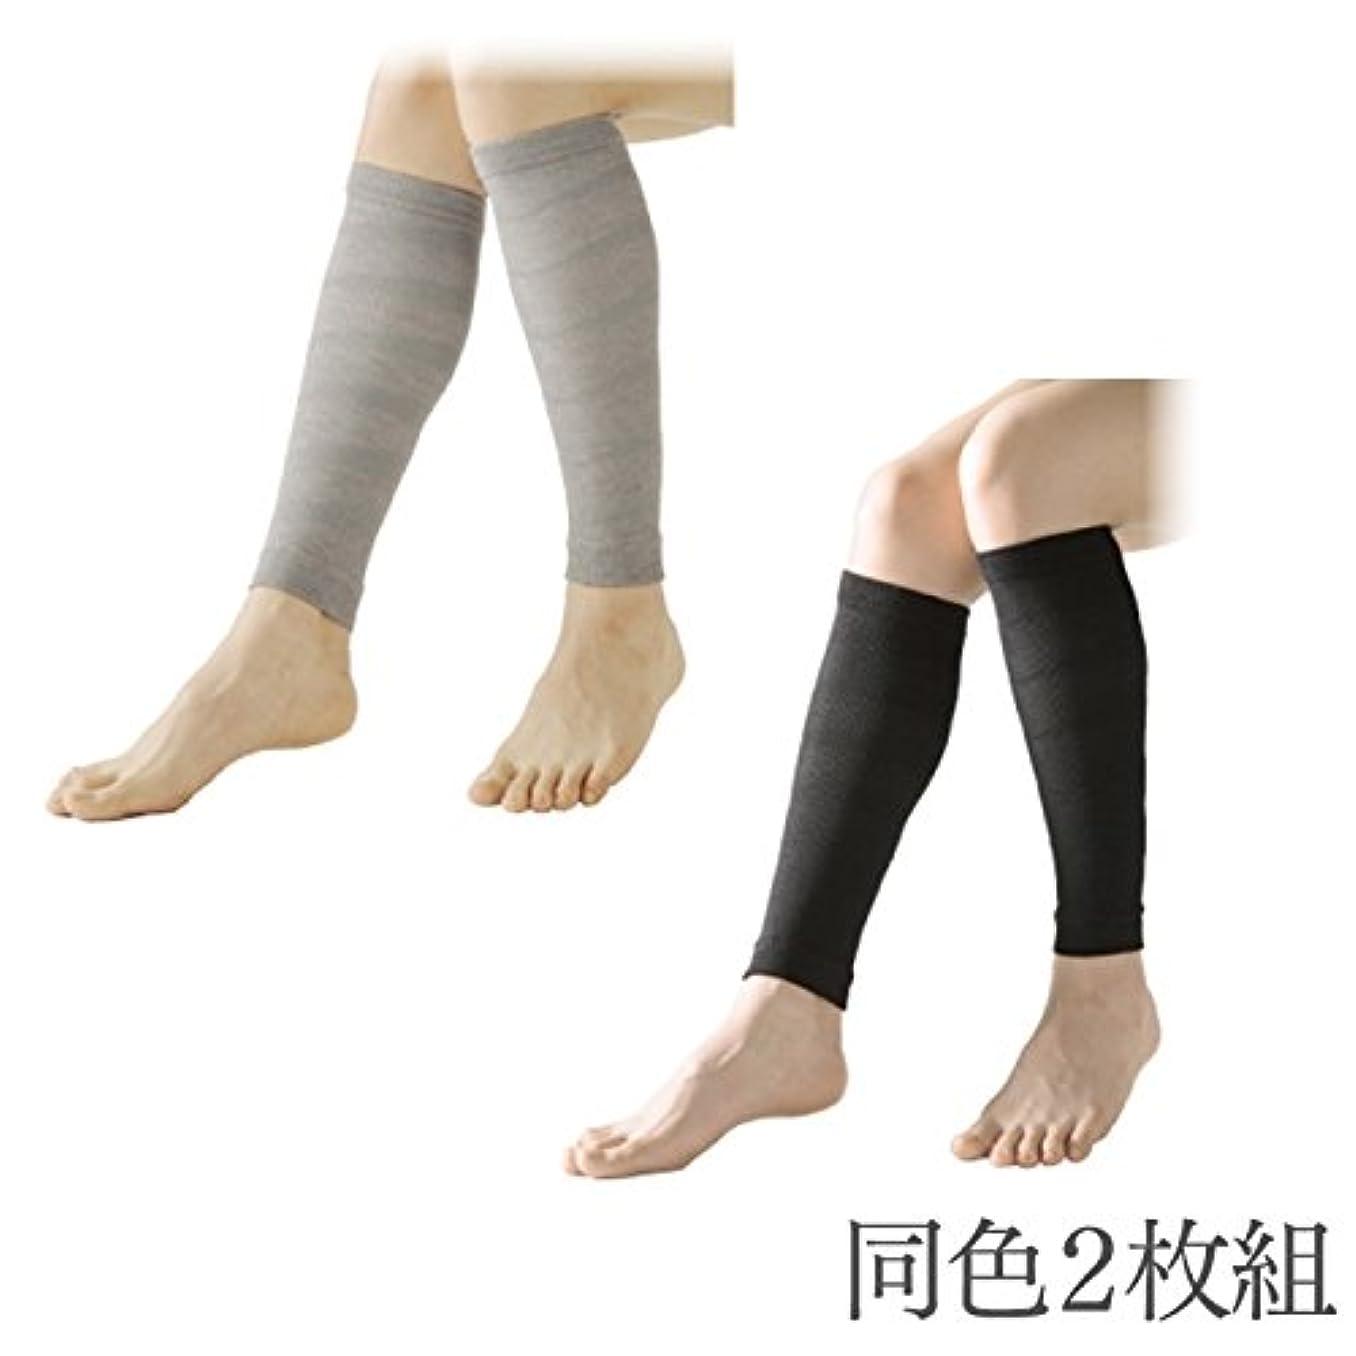 ええコンサルタント住所着圧ソックス 足のむくみ 靴下 むくみ解消 着圧ふくらはぎサポーター 2枚組